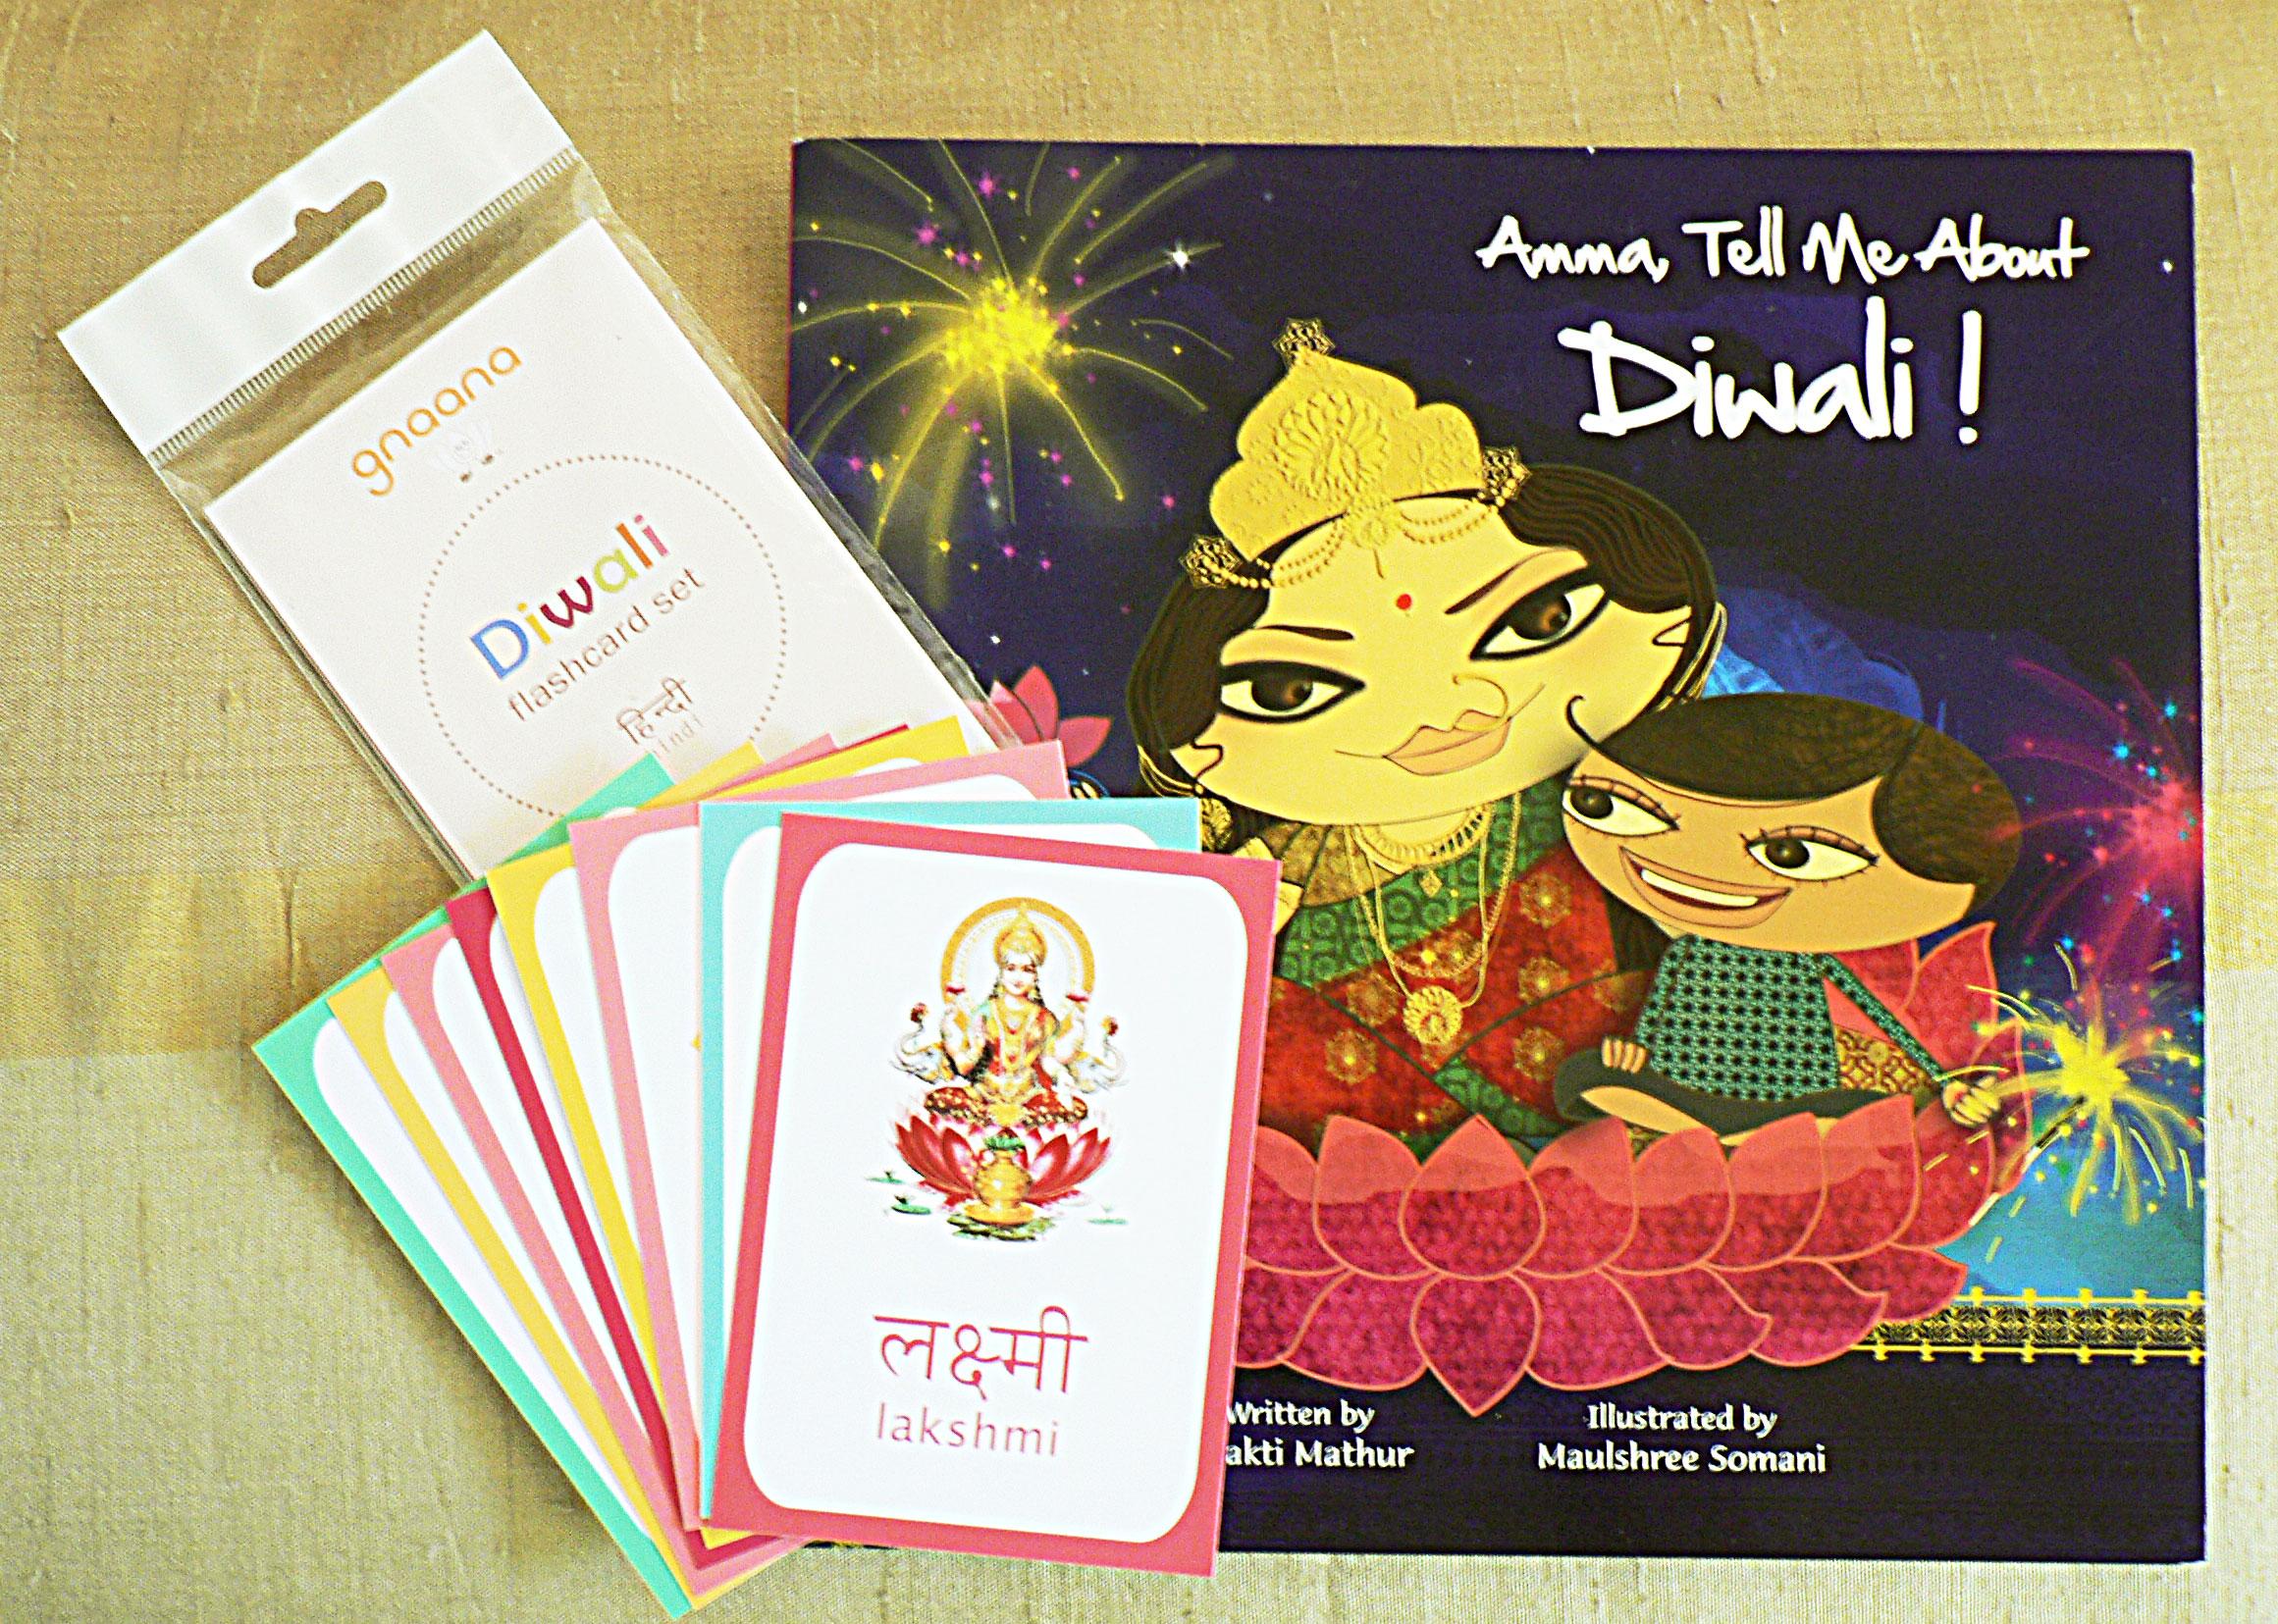 diwali information for kids